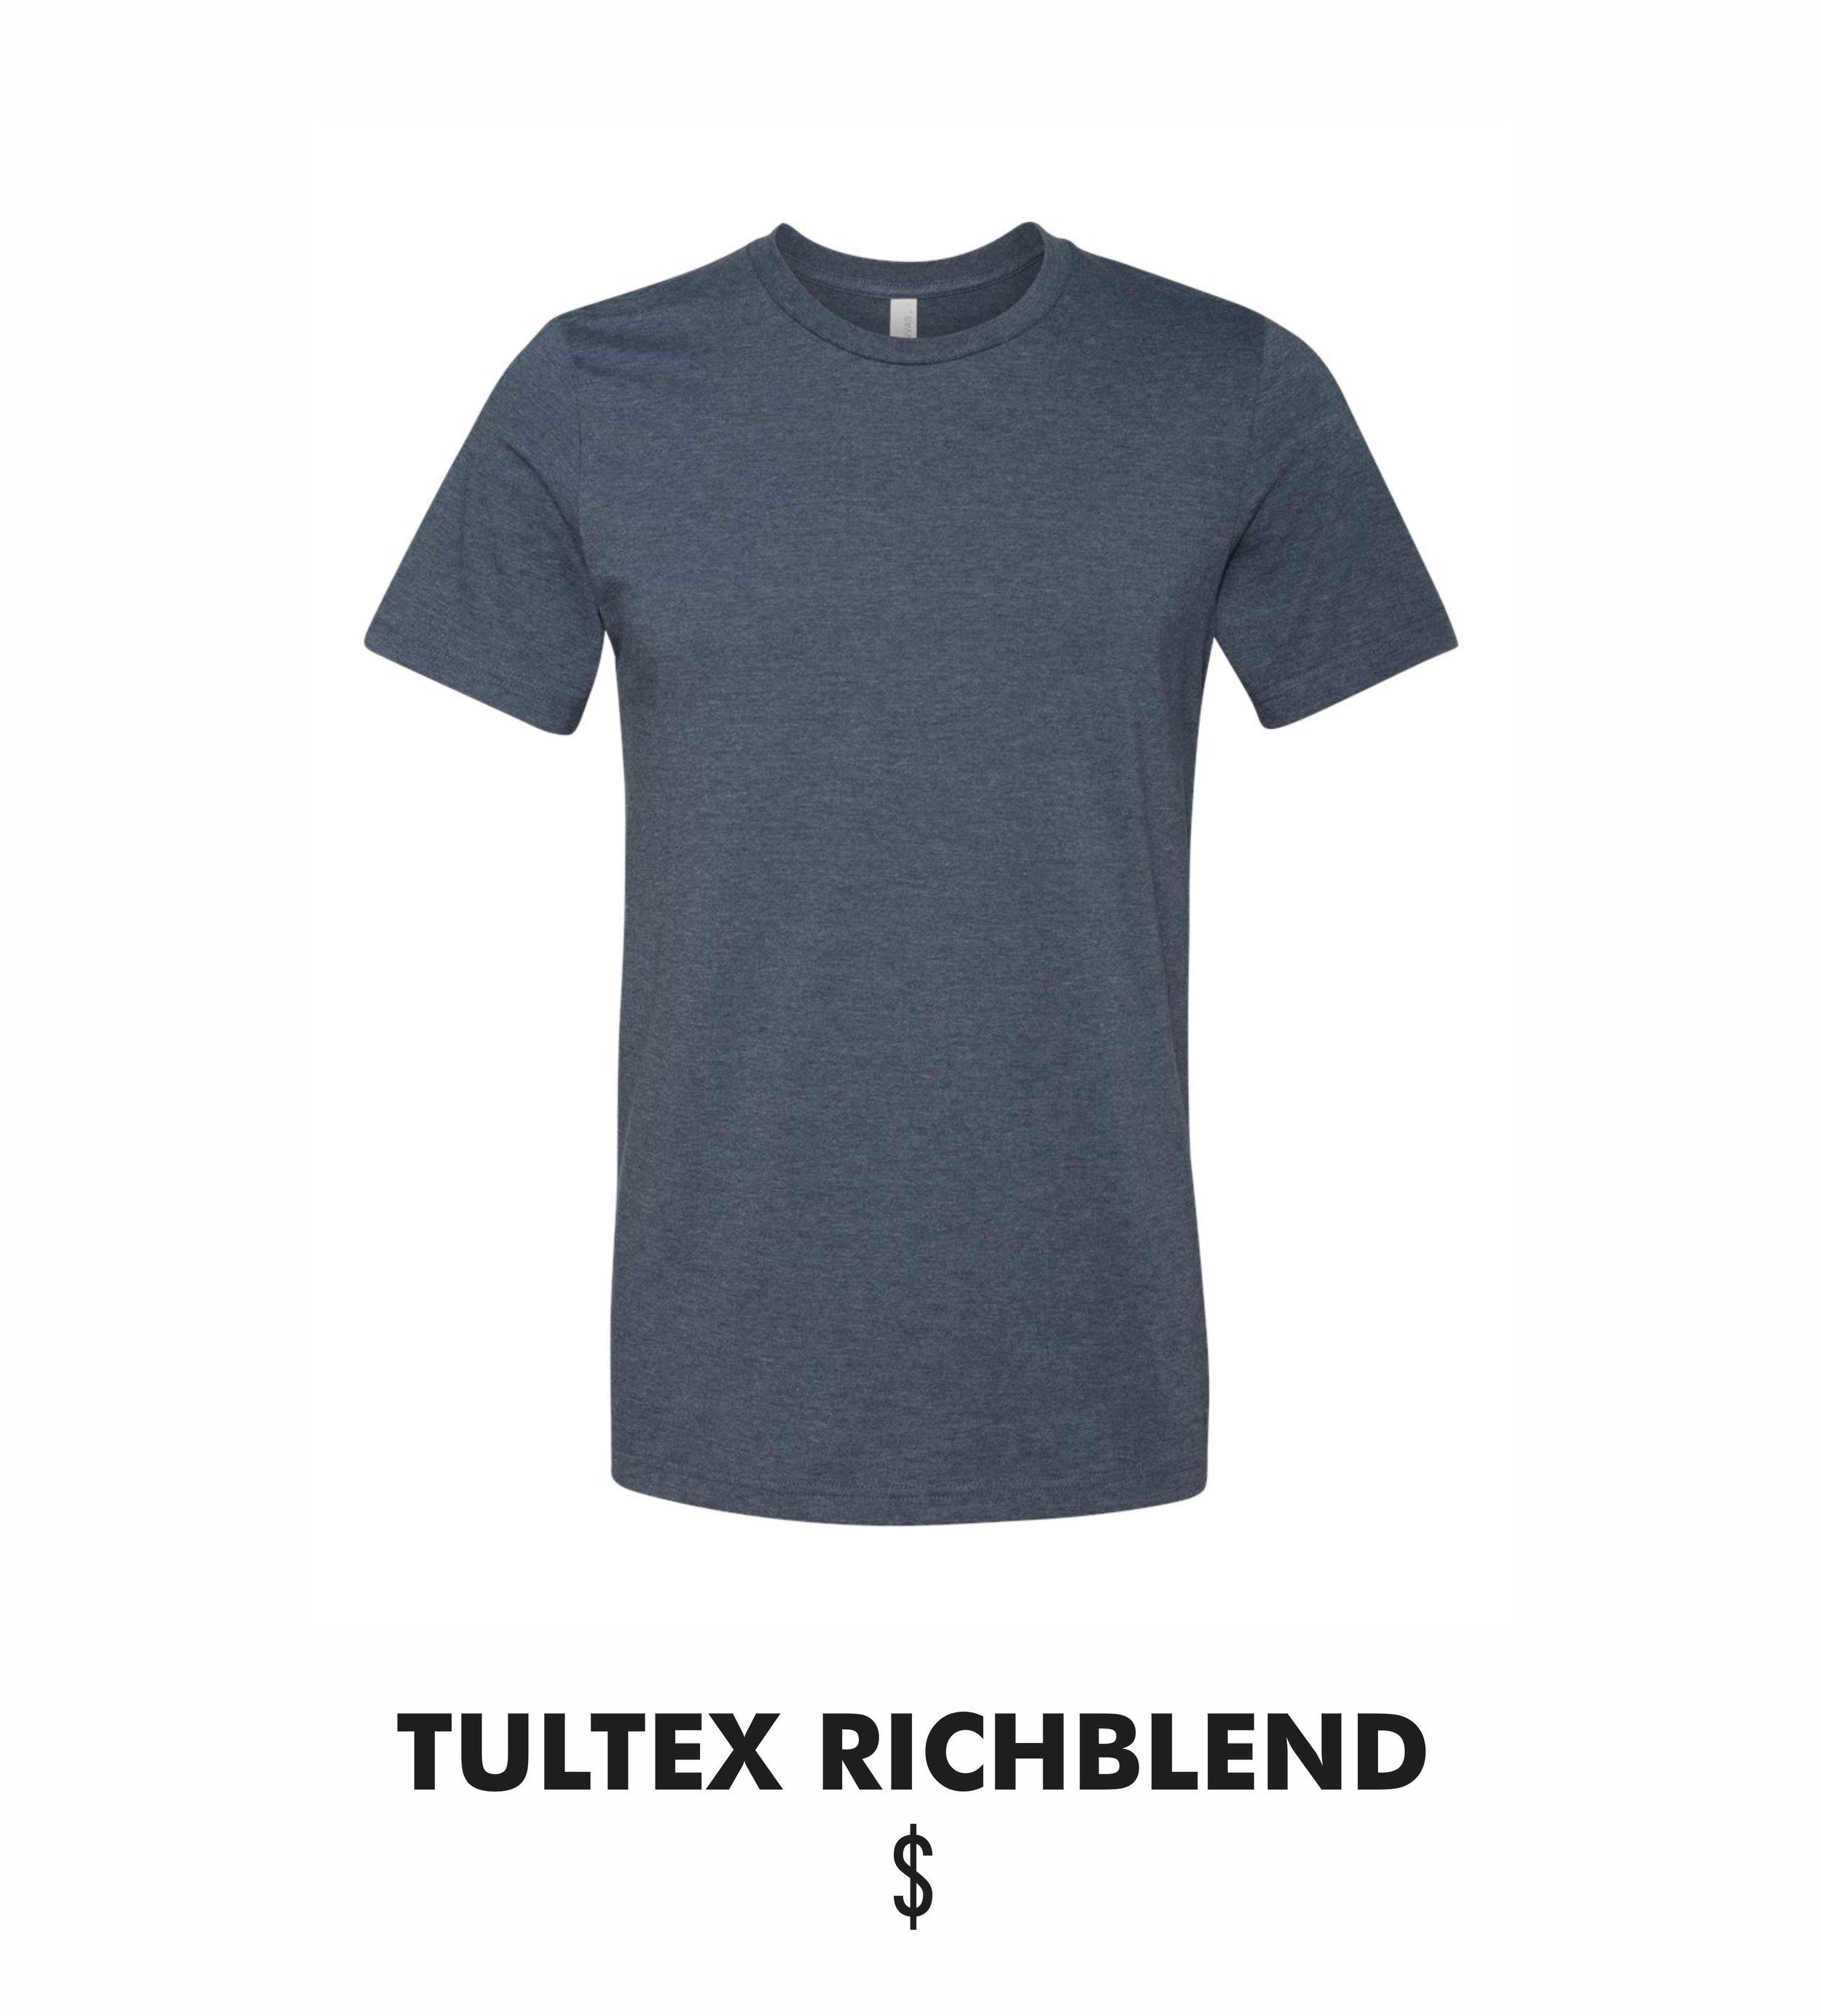 Tultex_02.jpg